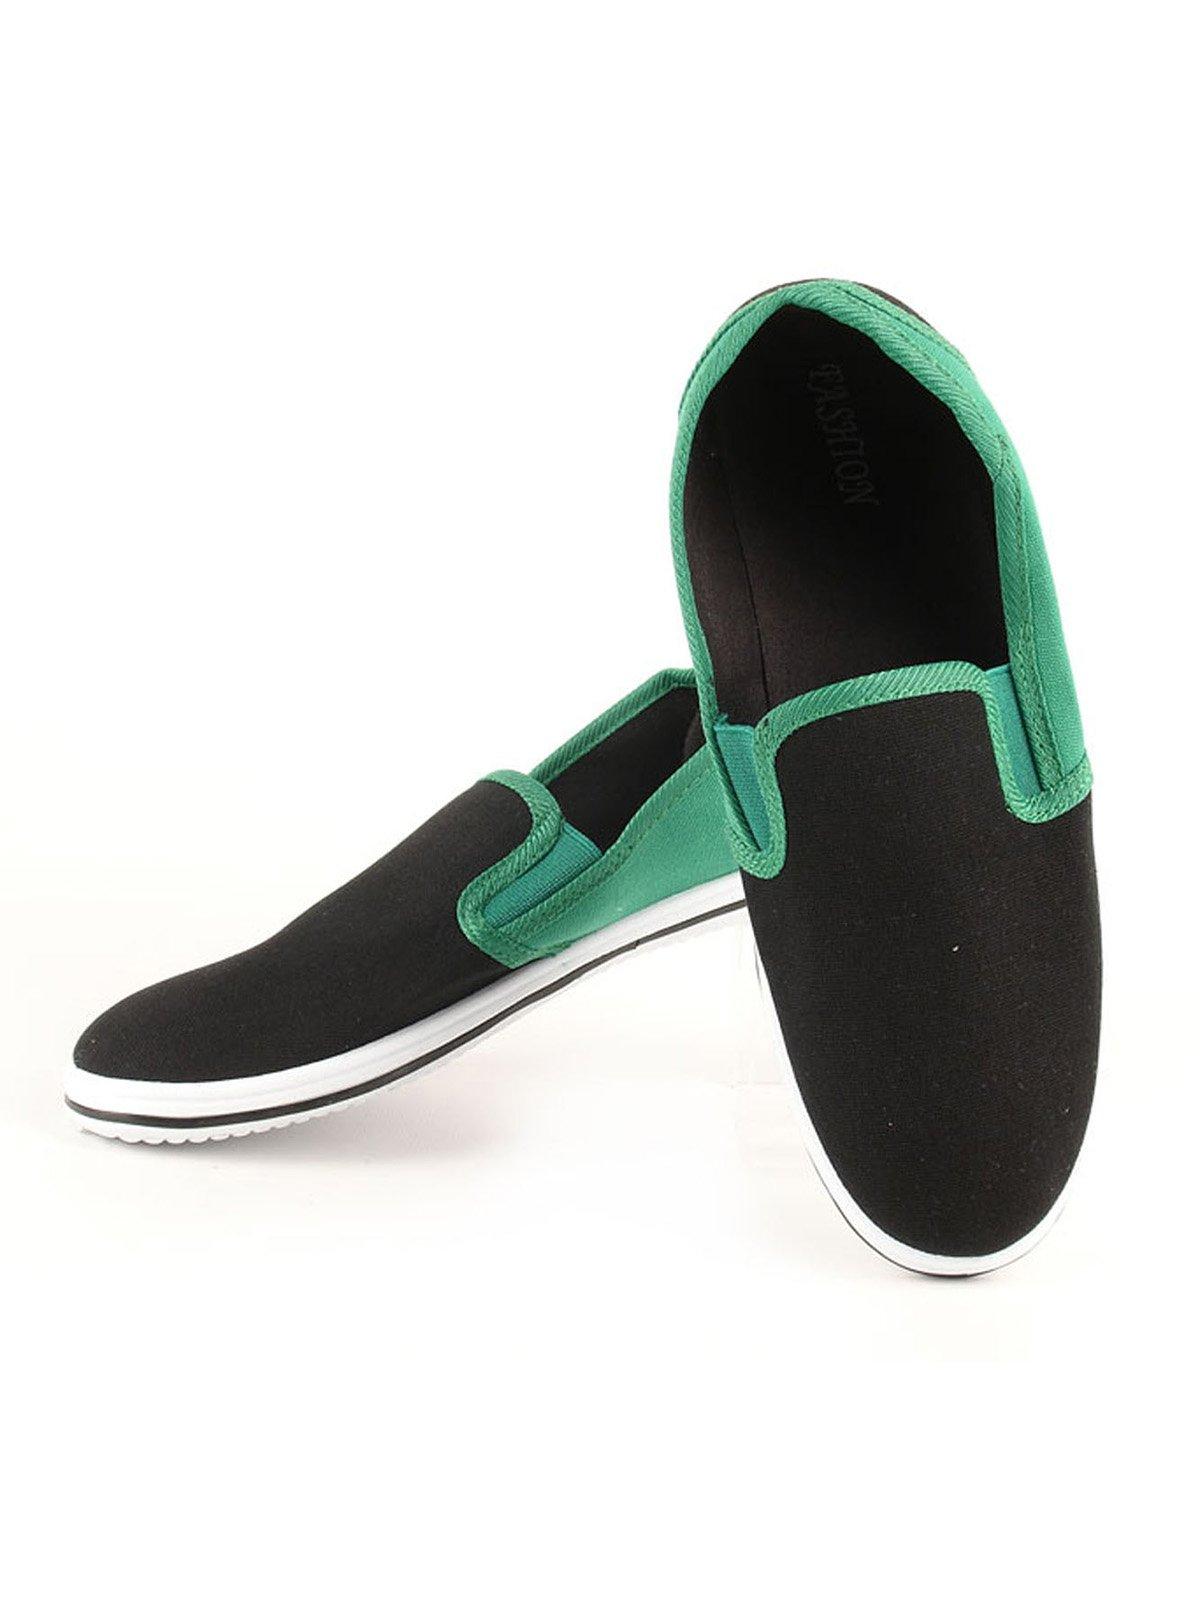 Слипоны черно-зеленые | 2086361 | фото 3